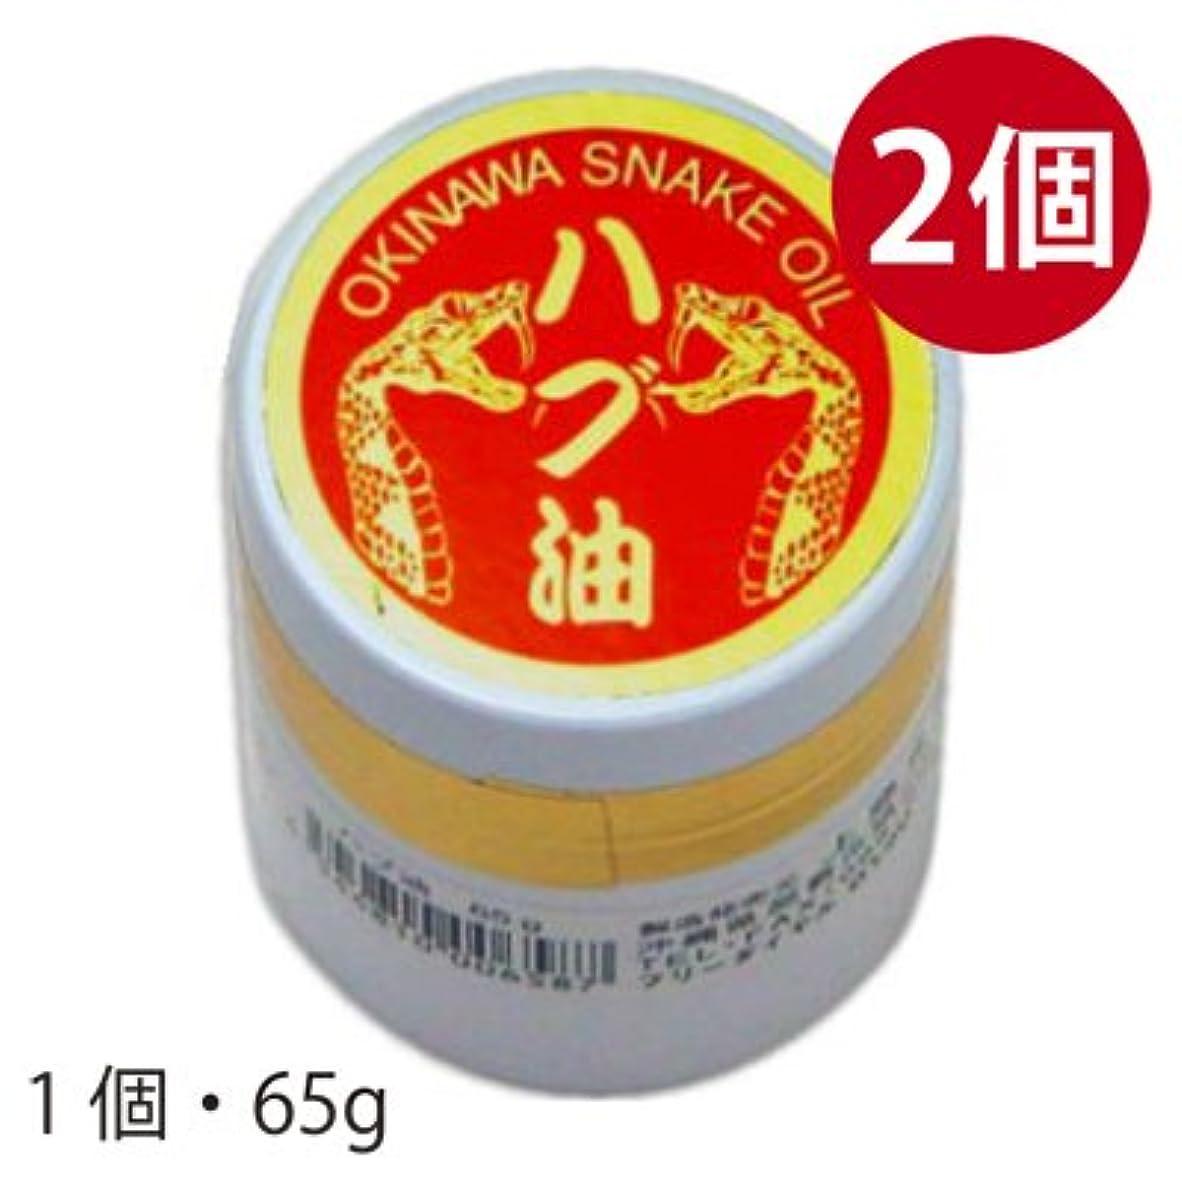 電気織る引退する沖縄県産 ハブ油軟膏タイプ 65g×2個